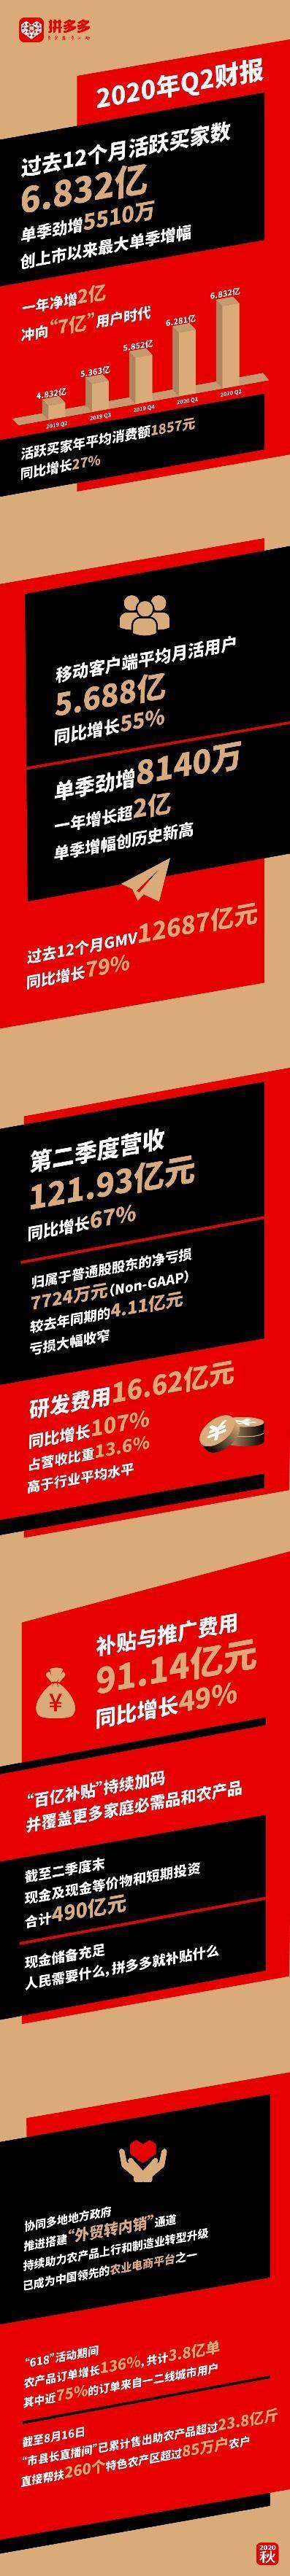 拼多多平台公布Q2财务报告:一季度营业收入121.93亿人民币,百亿补贴推动外需 第1张